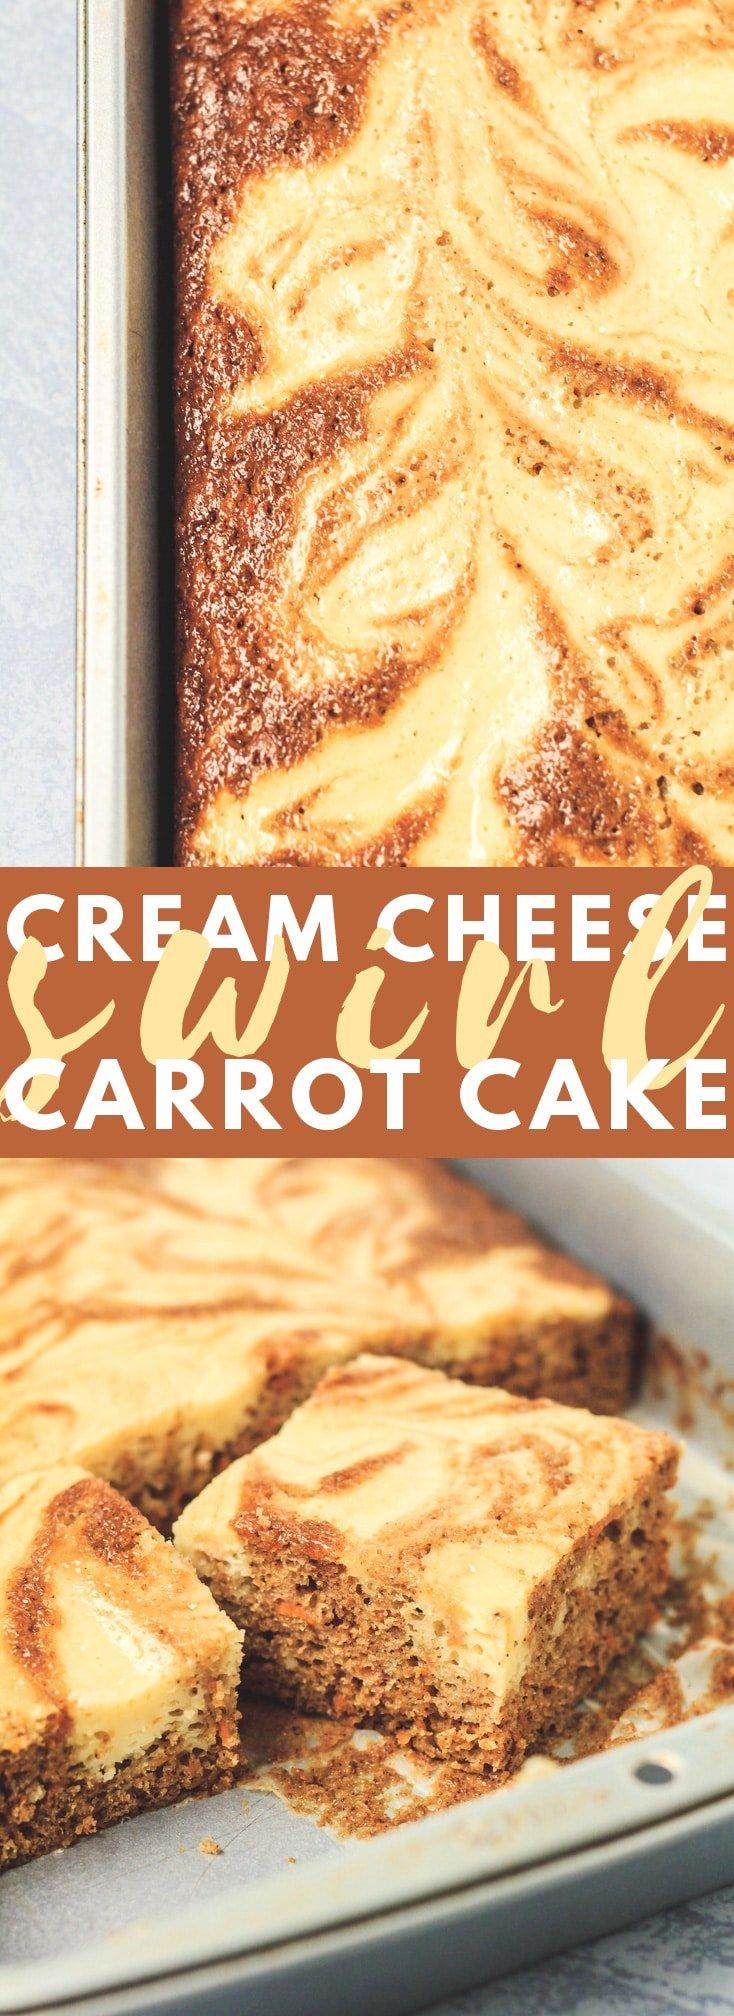 Carrot Cake Bars with Cream Cheese Swirl